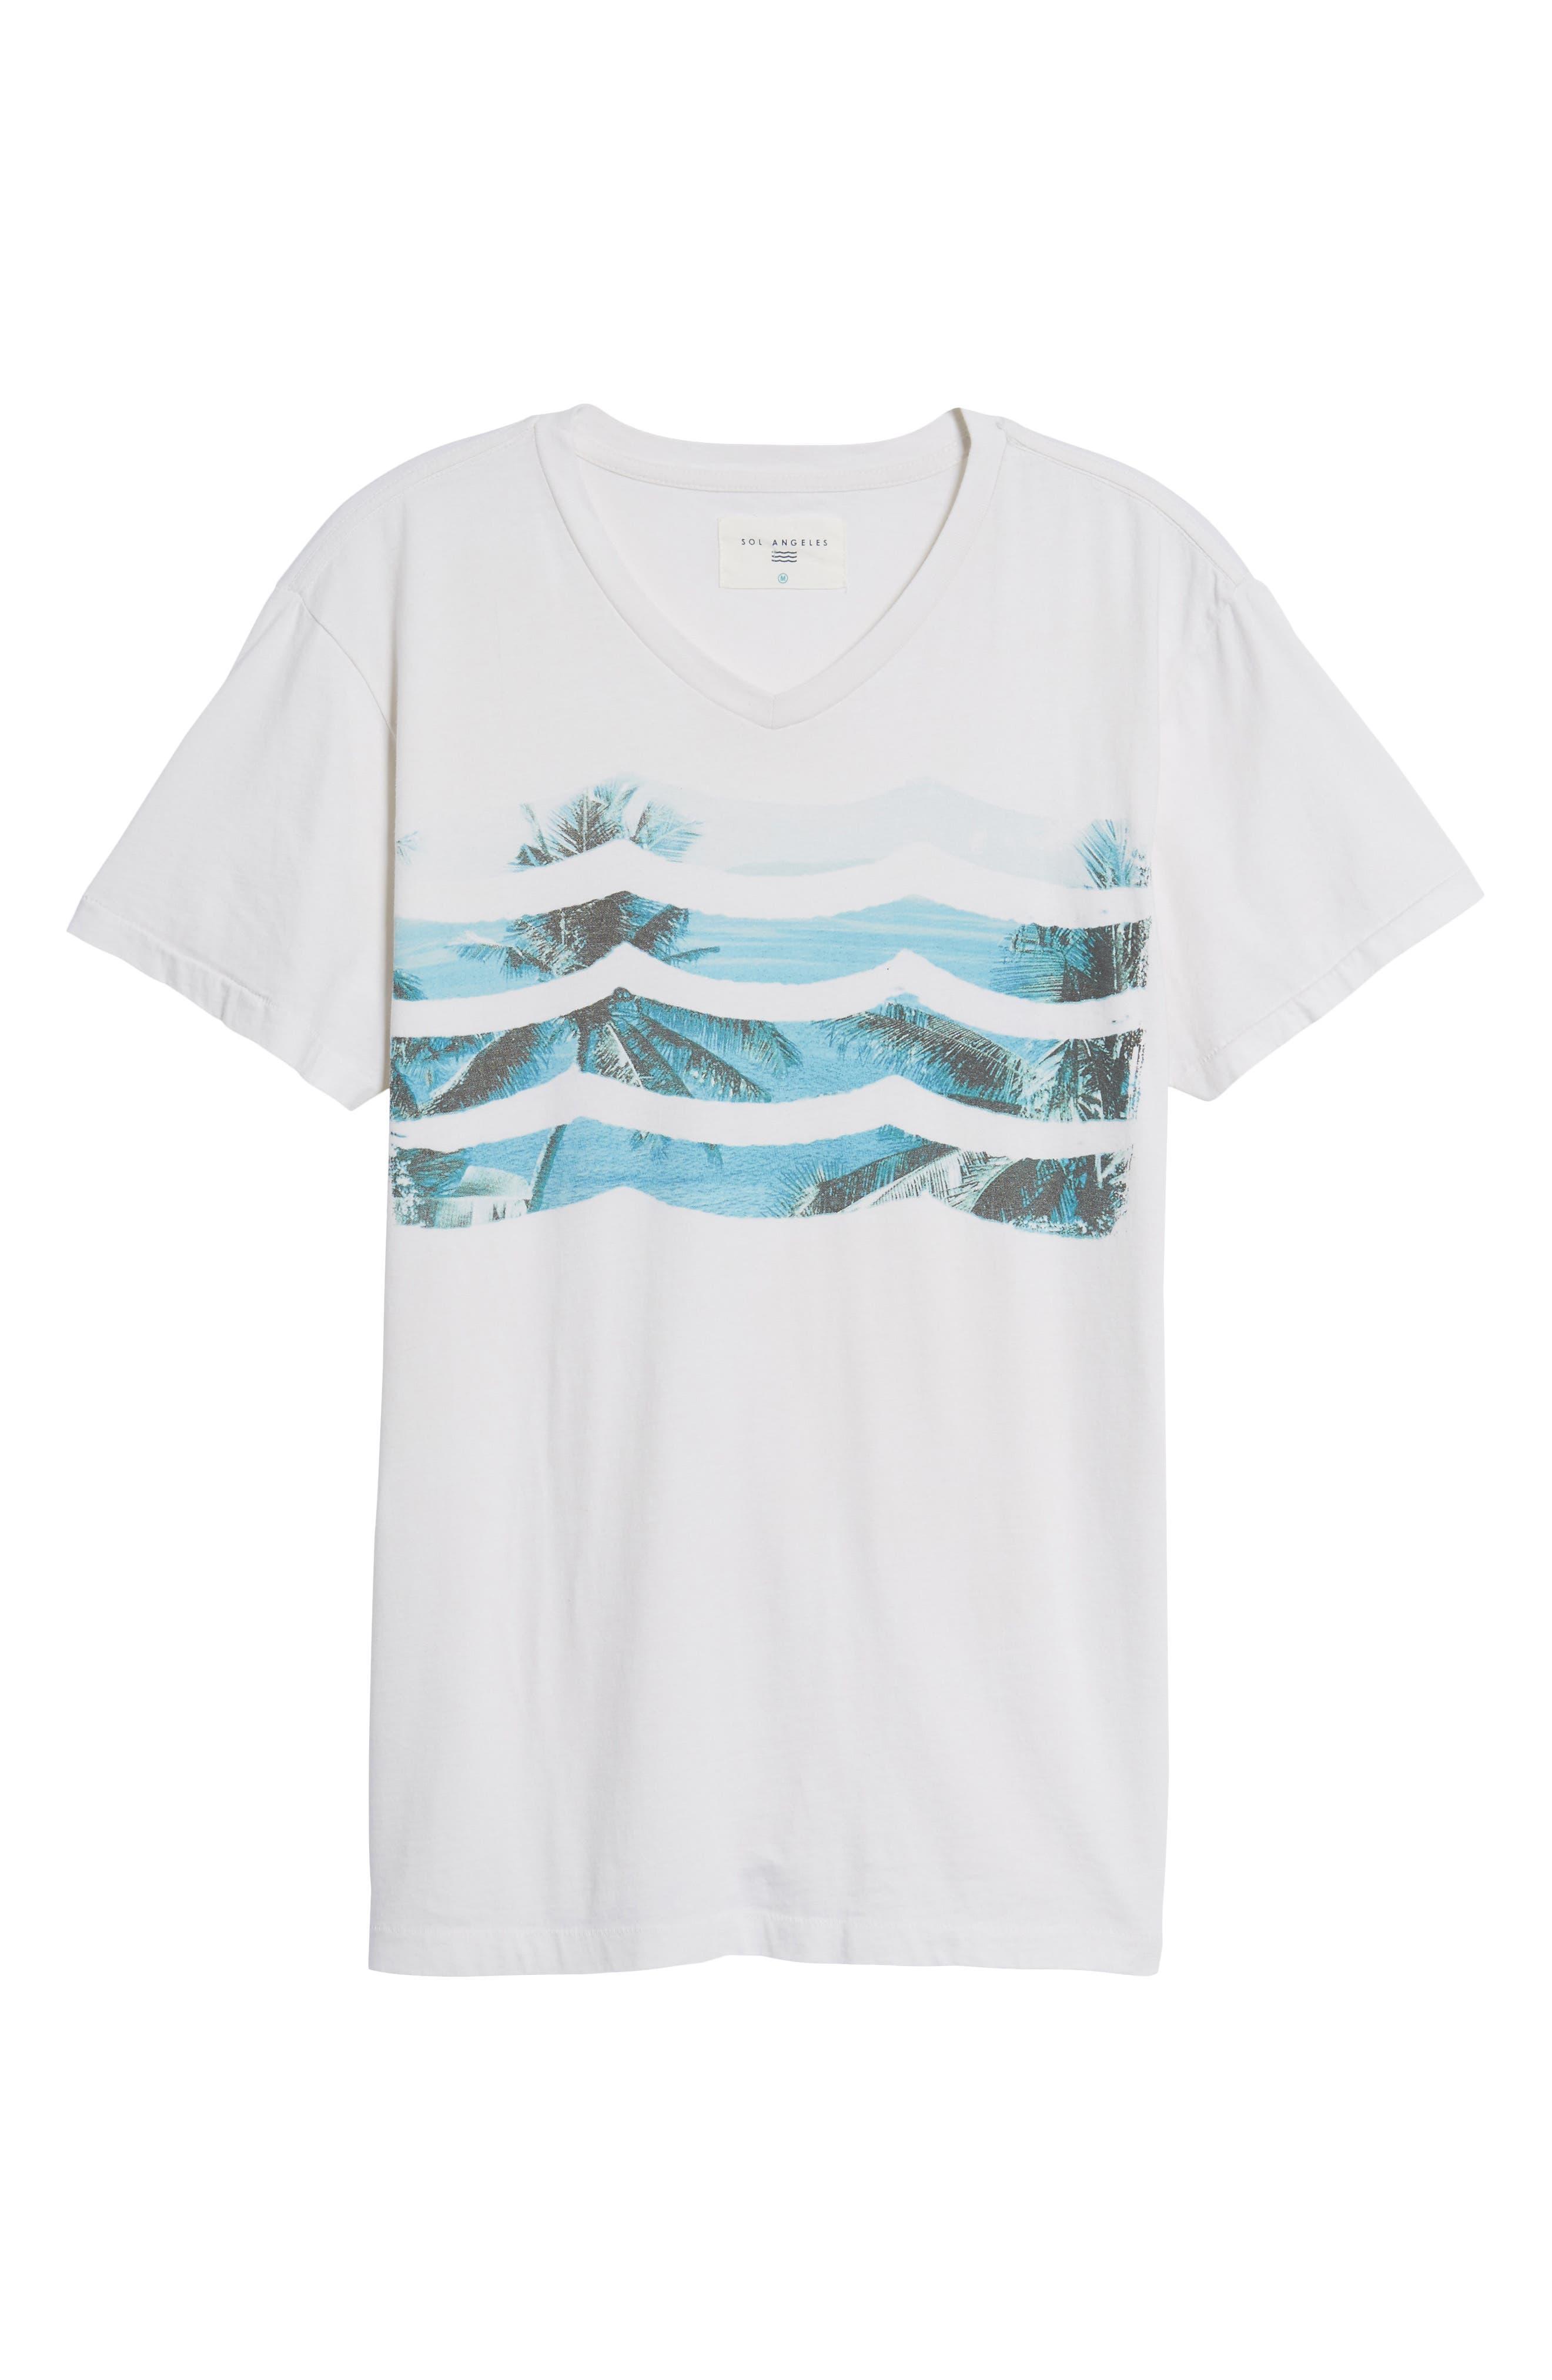 Vista Del Mar T-Shirt,                             Alternate thumbnail 6, color,                             110